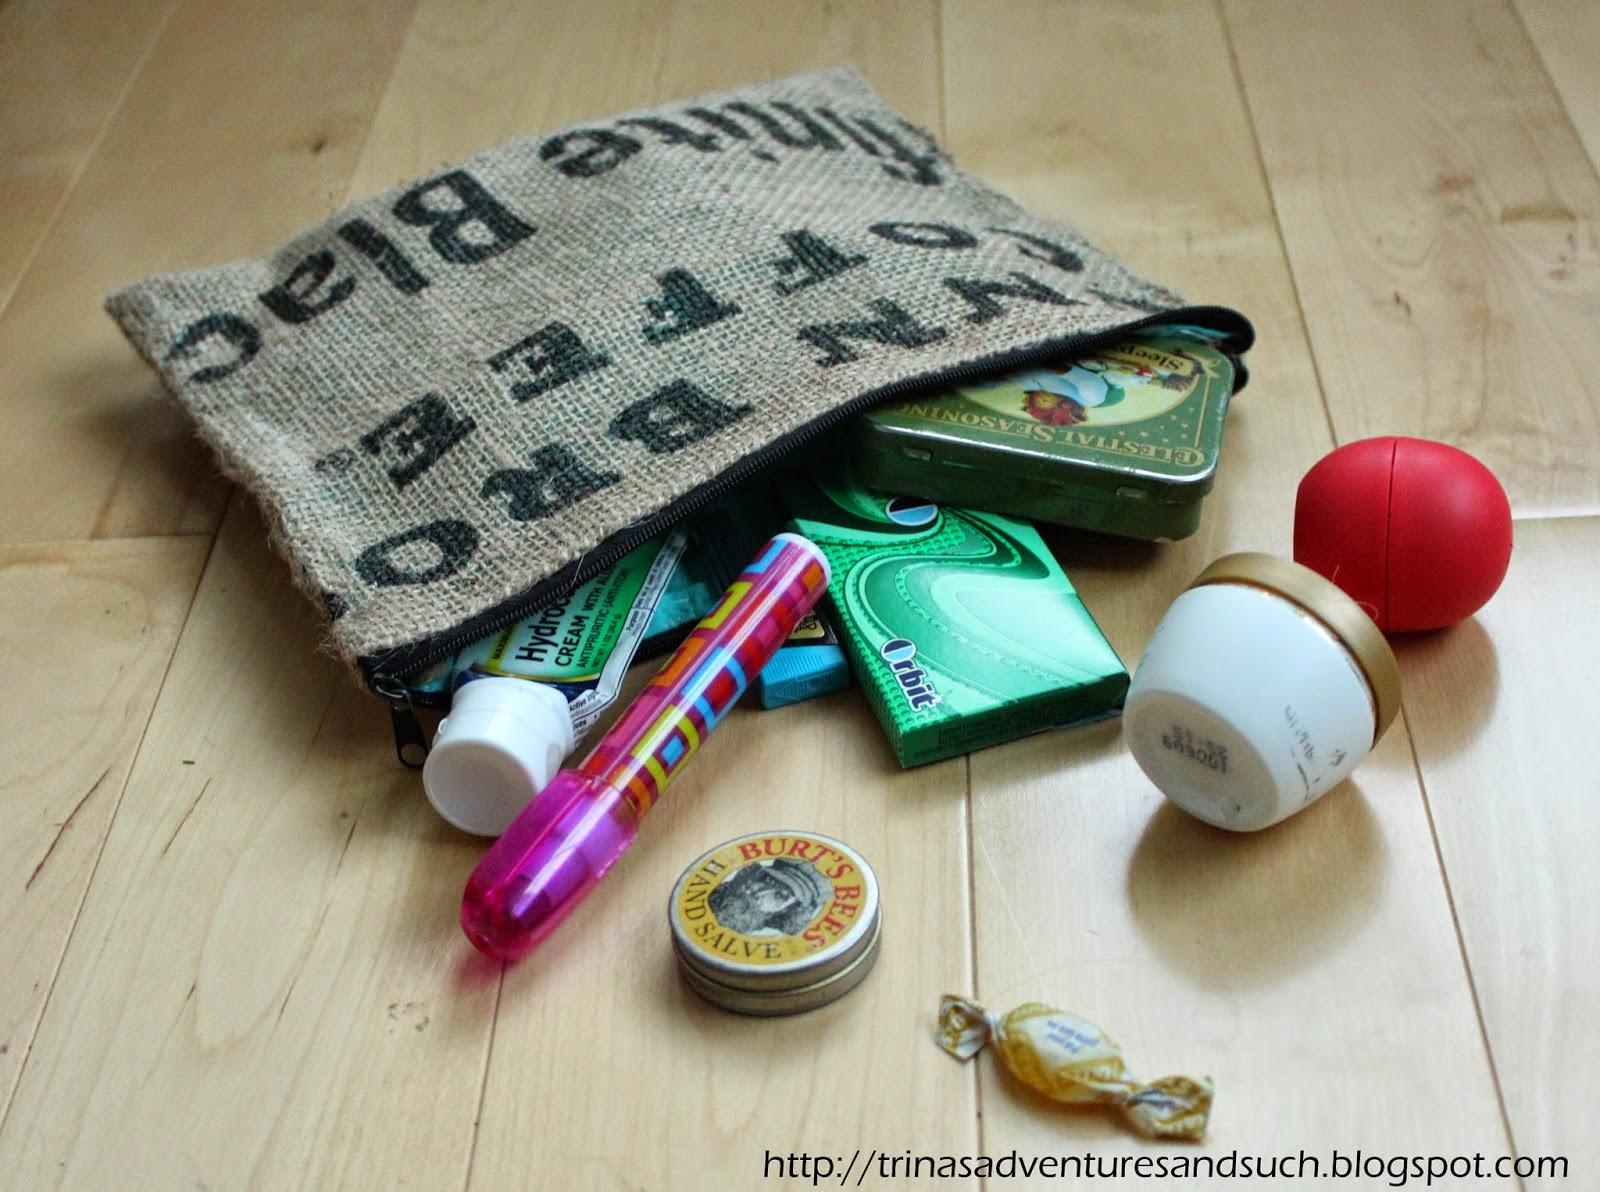 Bural purse pouch